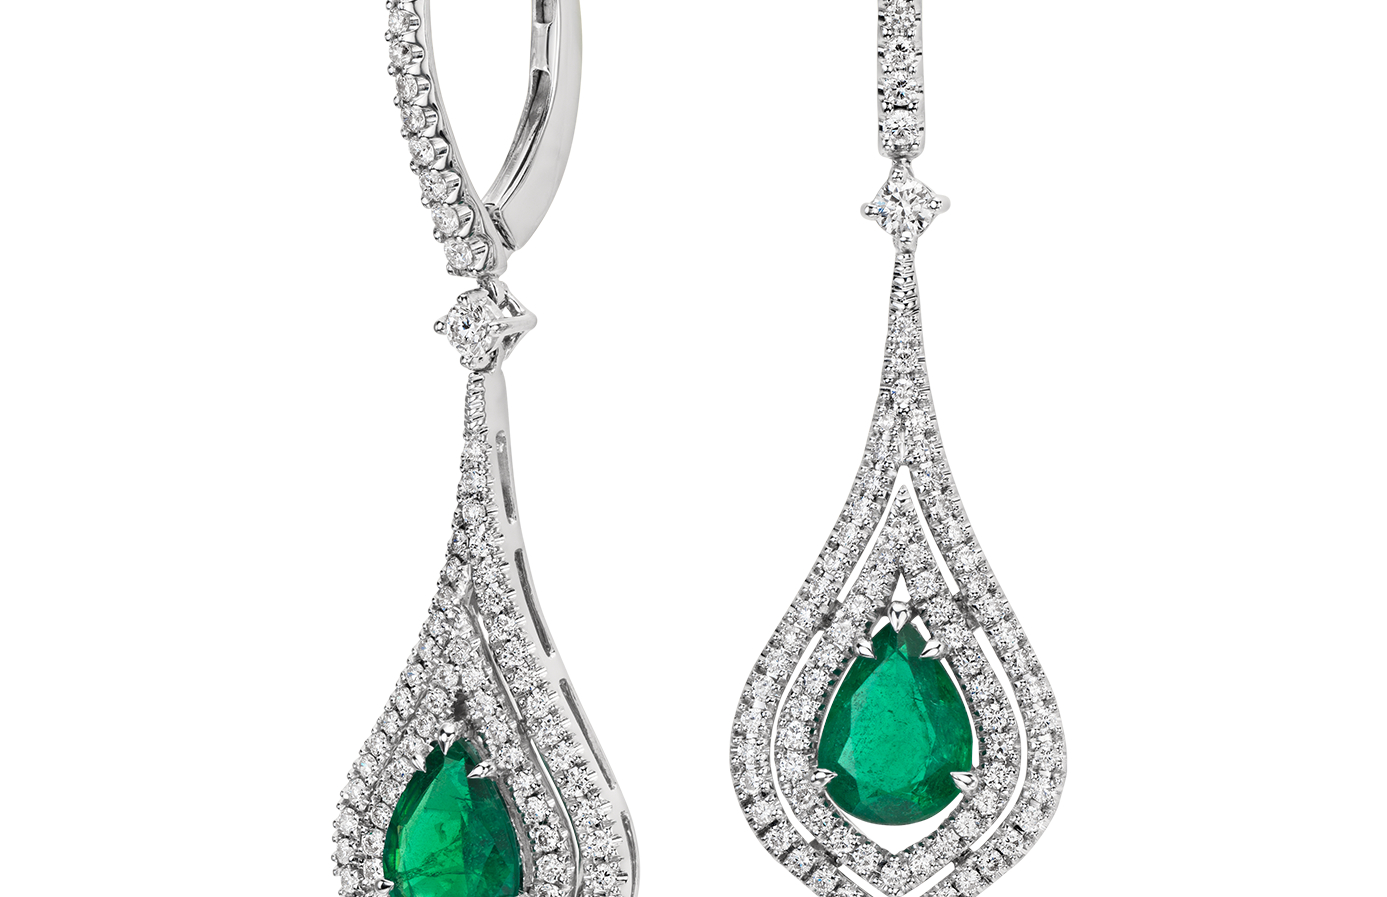 Aretes con esmeralda en forma de pera y pavé de diamantes de halo en oro blanco de 18 k (8x6mm)